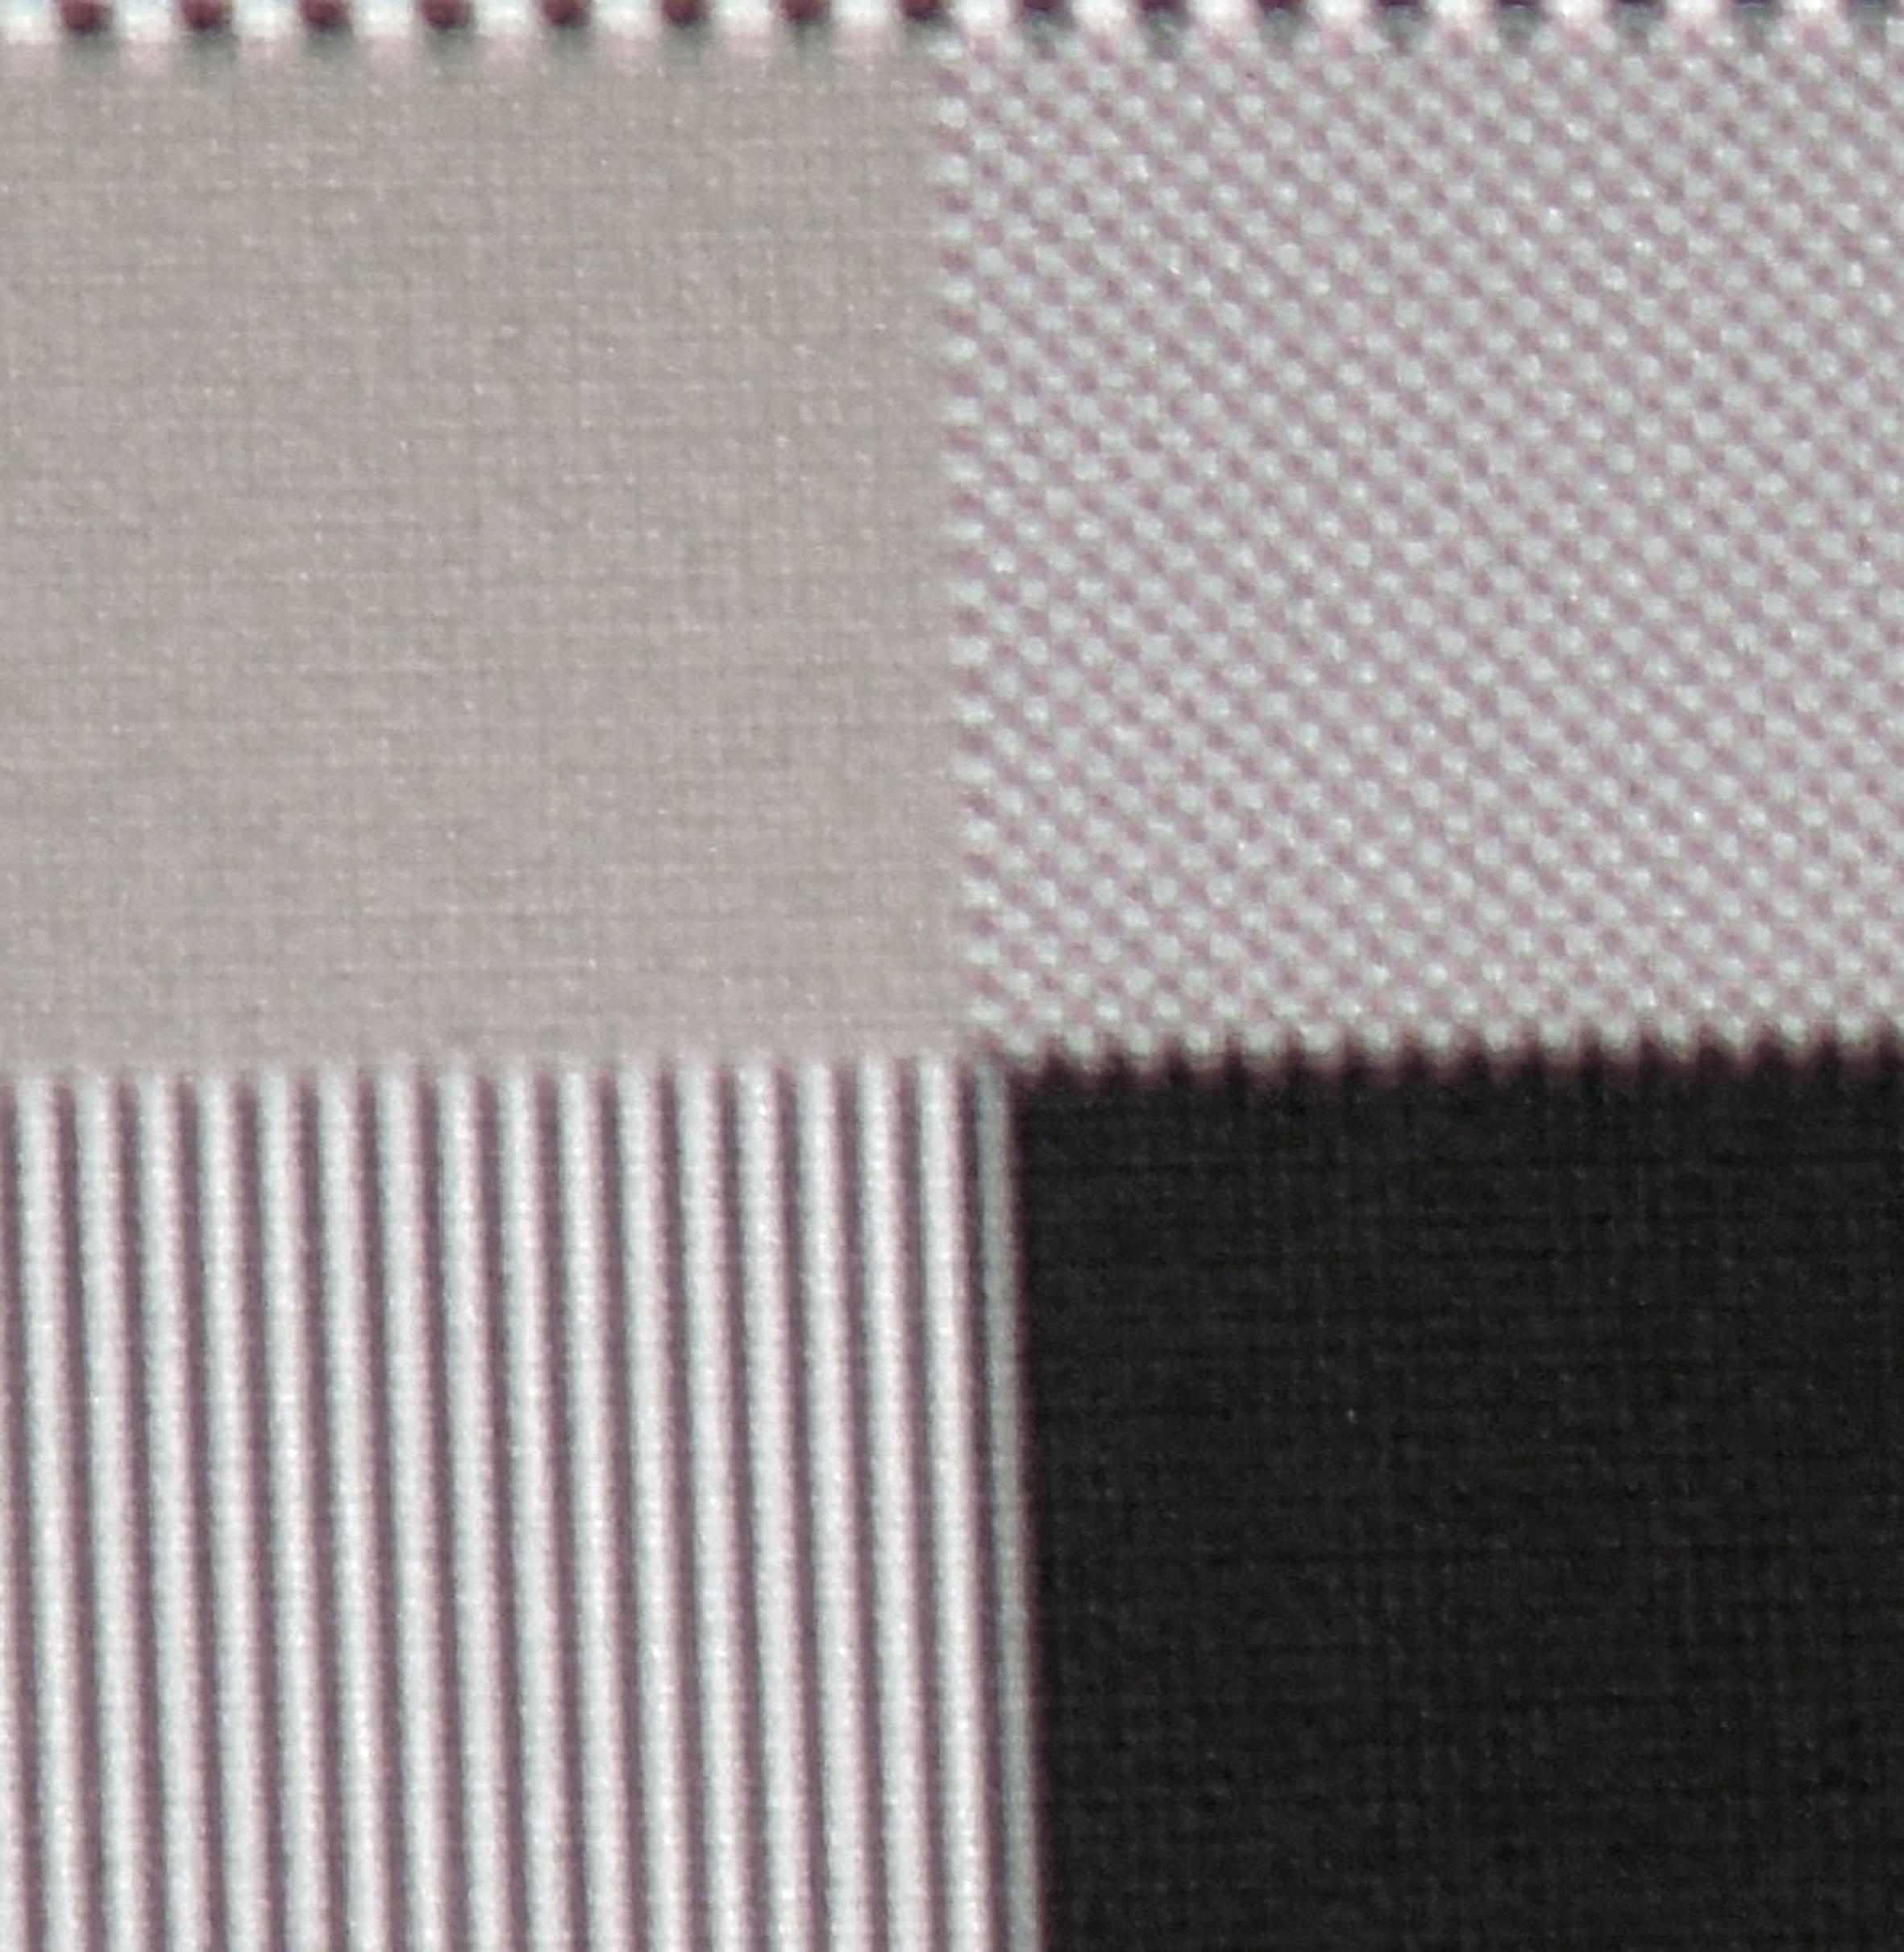 UHD-Auflösung: Diese Makroaufnahme soll (oben links) schwarze und weiße Schachbrettfelder in UHD-Auflösung offenbaren. Hier wird die Arbeitsweise von XPR-Shift ziemlich deutlich. Es sind keine einzelnen Pixel mehr erkennbar. Durch die Überlagerung entsteht eine mittelgraue Farbfläche. Oben rechts ist das Full-HD-Schachbrett hingegen gut zu differenzieren.